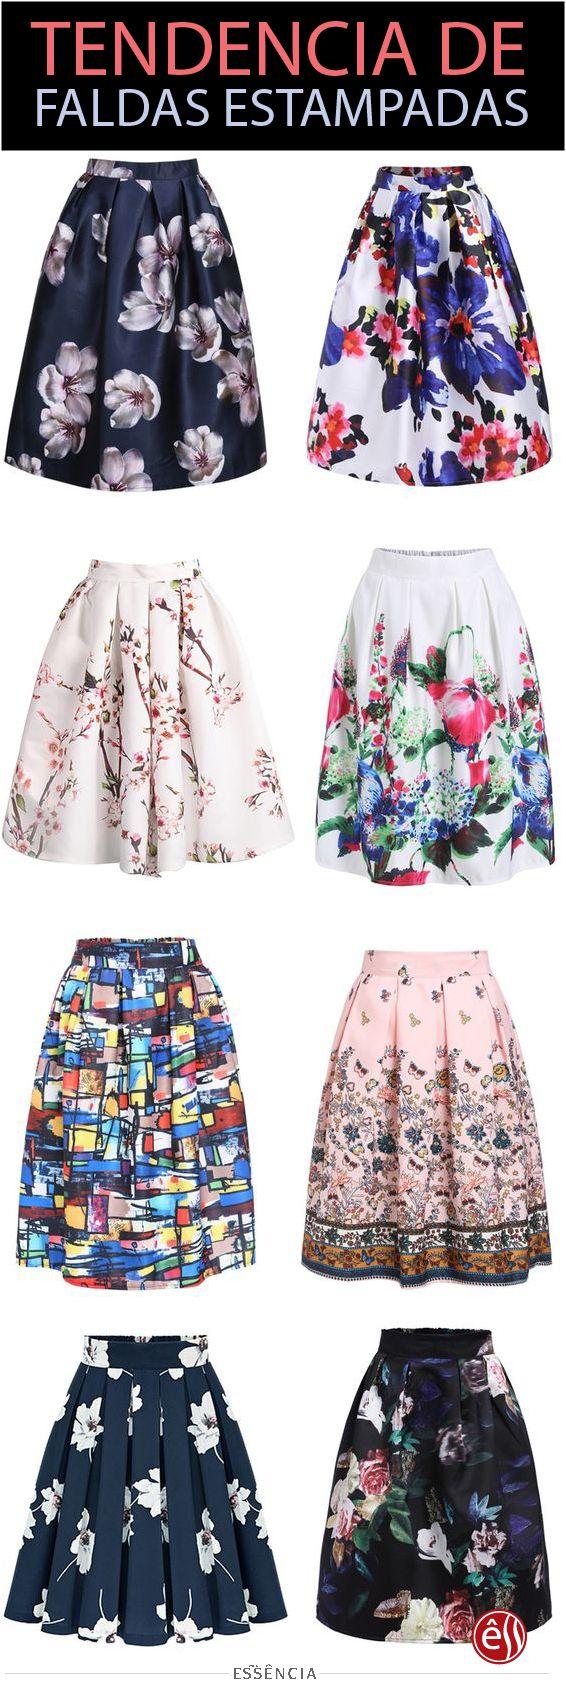 Descubre la última tendencia en faldas estampadas #Ropa #outfits #tutorial